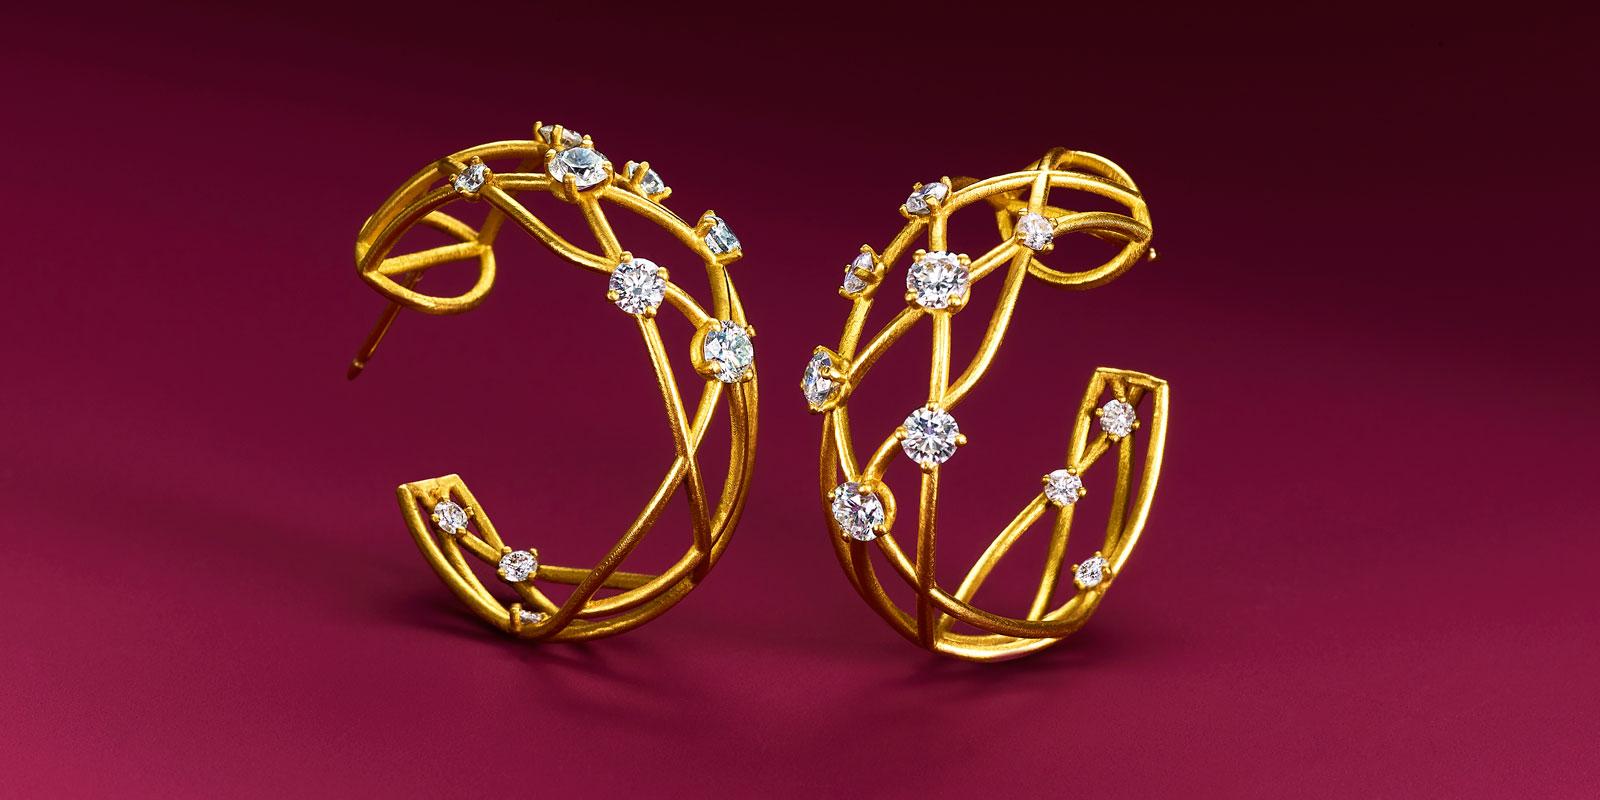 22 karat gold and colorless diamonds